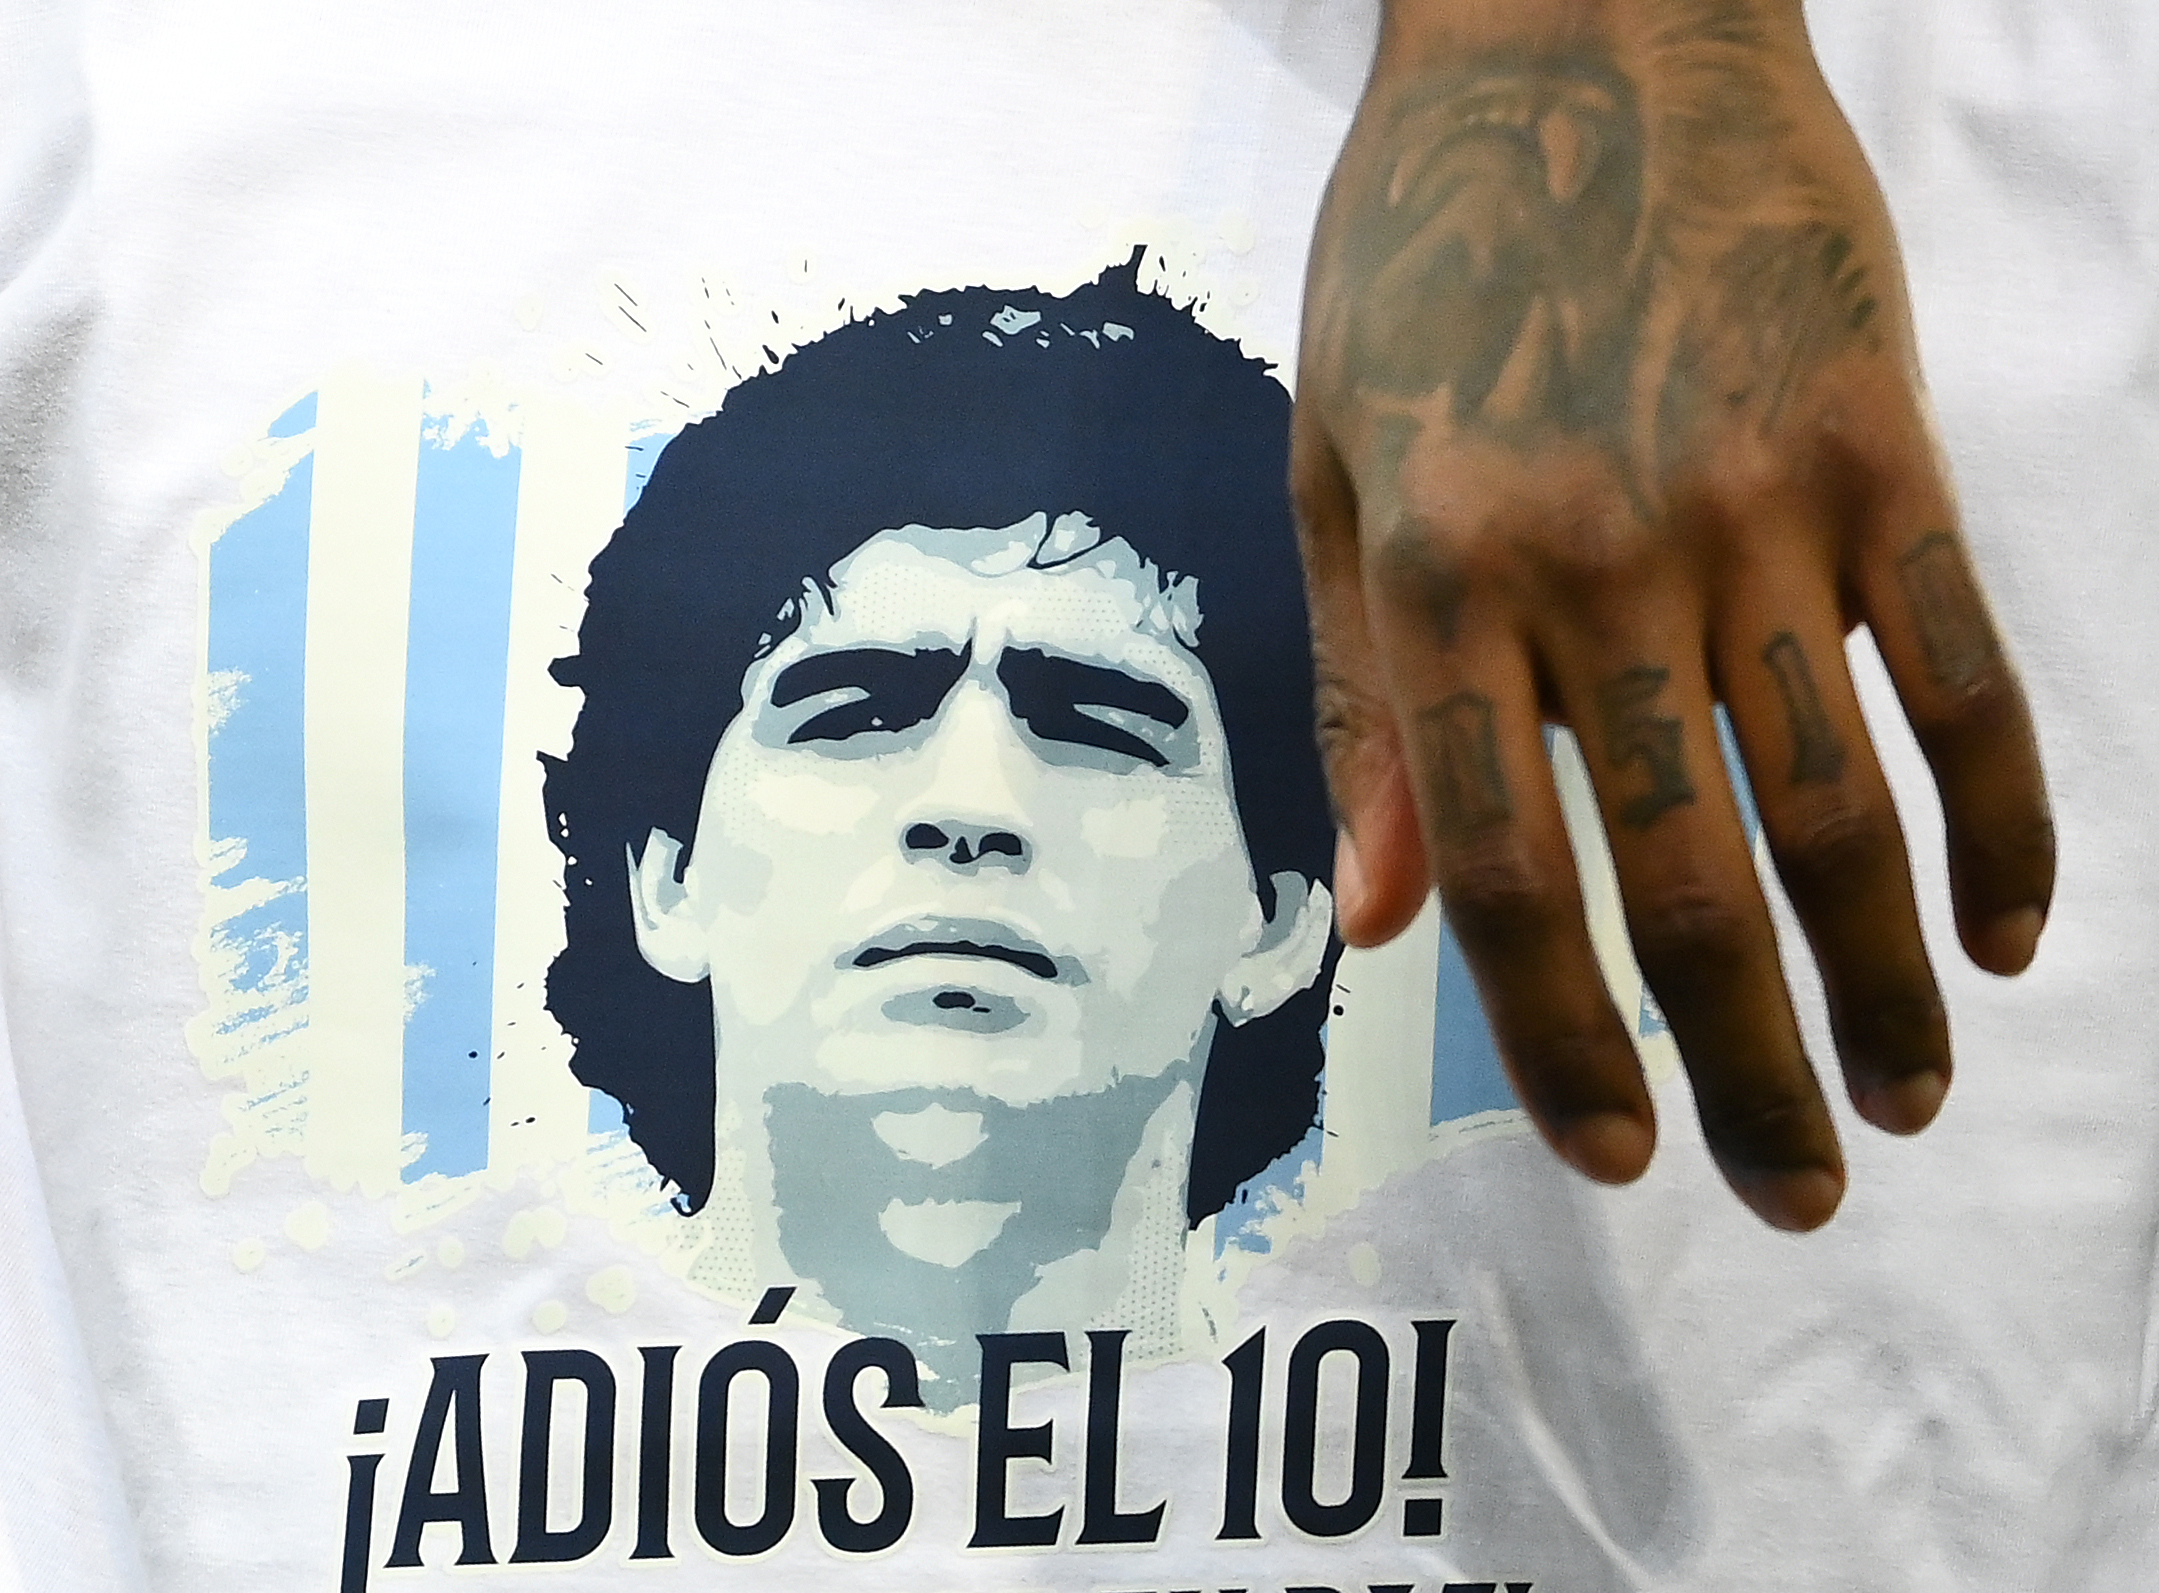 FOTOS | Rinden tributo a Maradona, la leyenda argentina